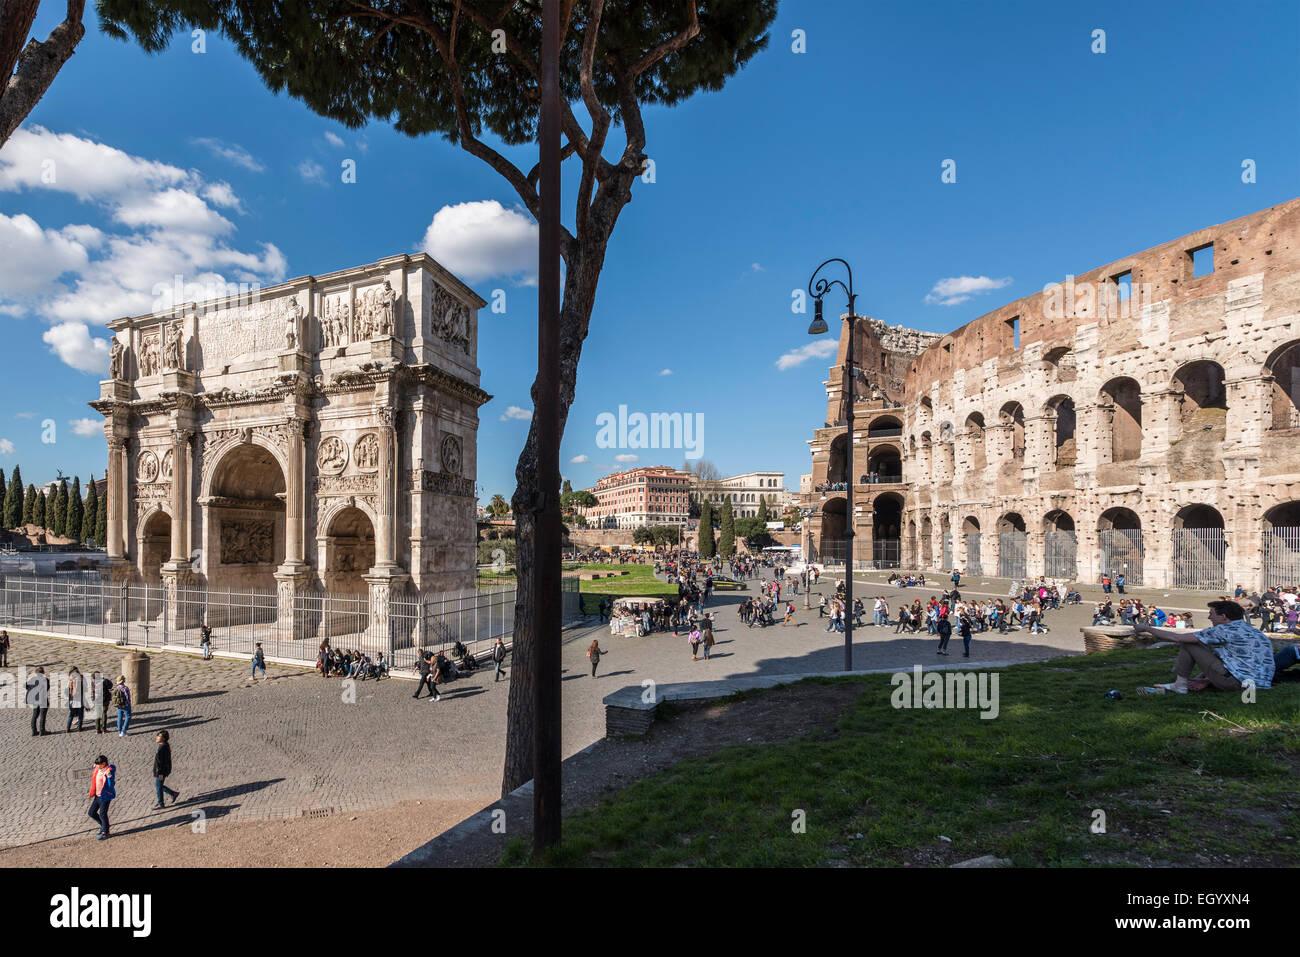 Roma. L'Italia. Arco di Costantino e il Colosseo, Piazza del Colosseo. Immagini Stock